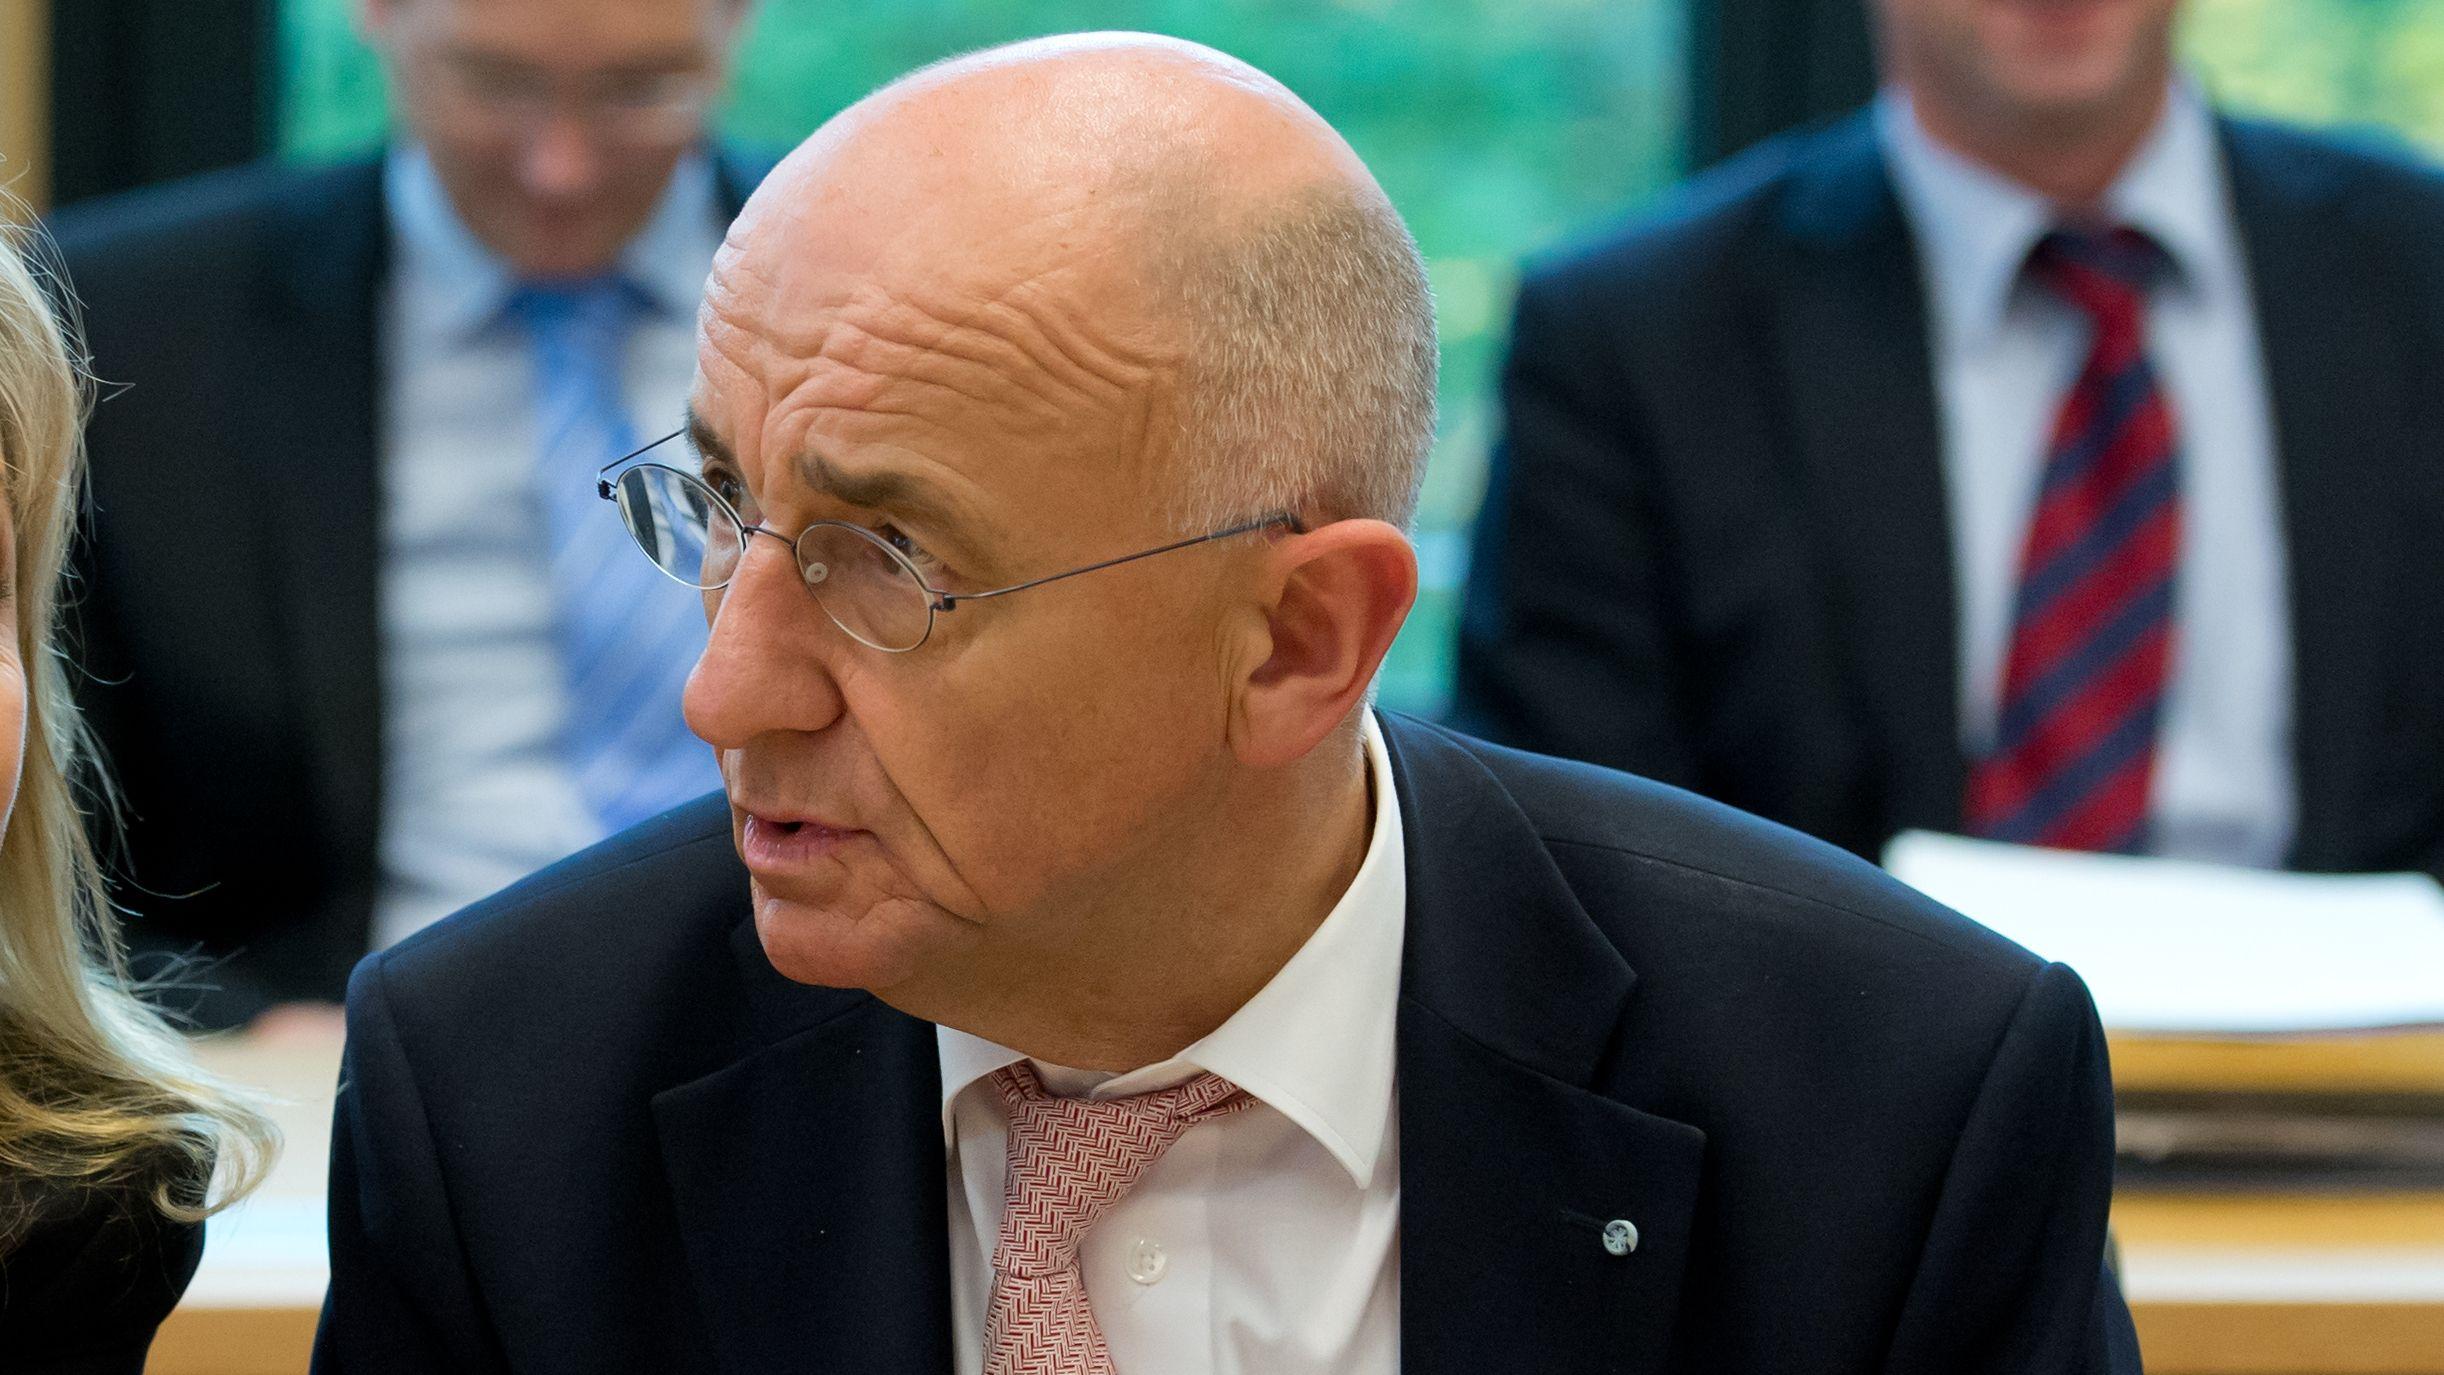 Der CSU-Landtagsabgeordnete und frühere bayerische Justizminister Alfred Sauter, aufgenommen im Oktober 2013.